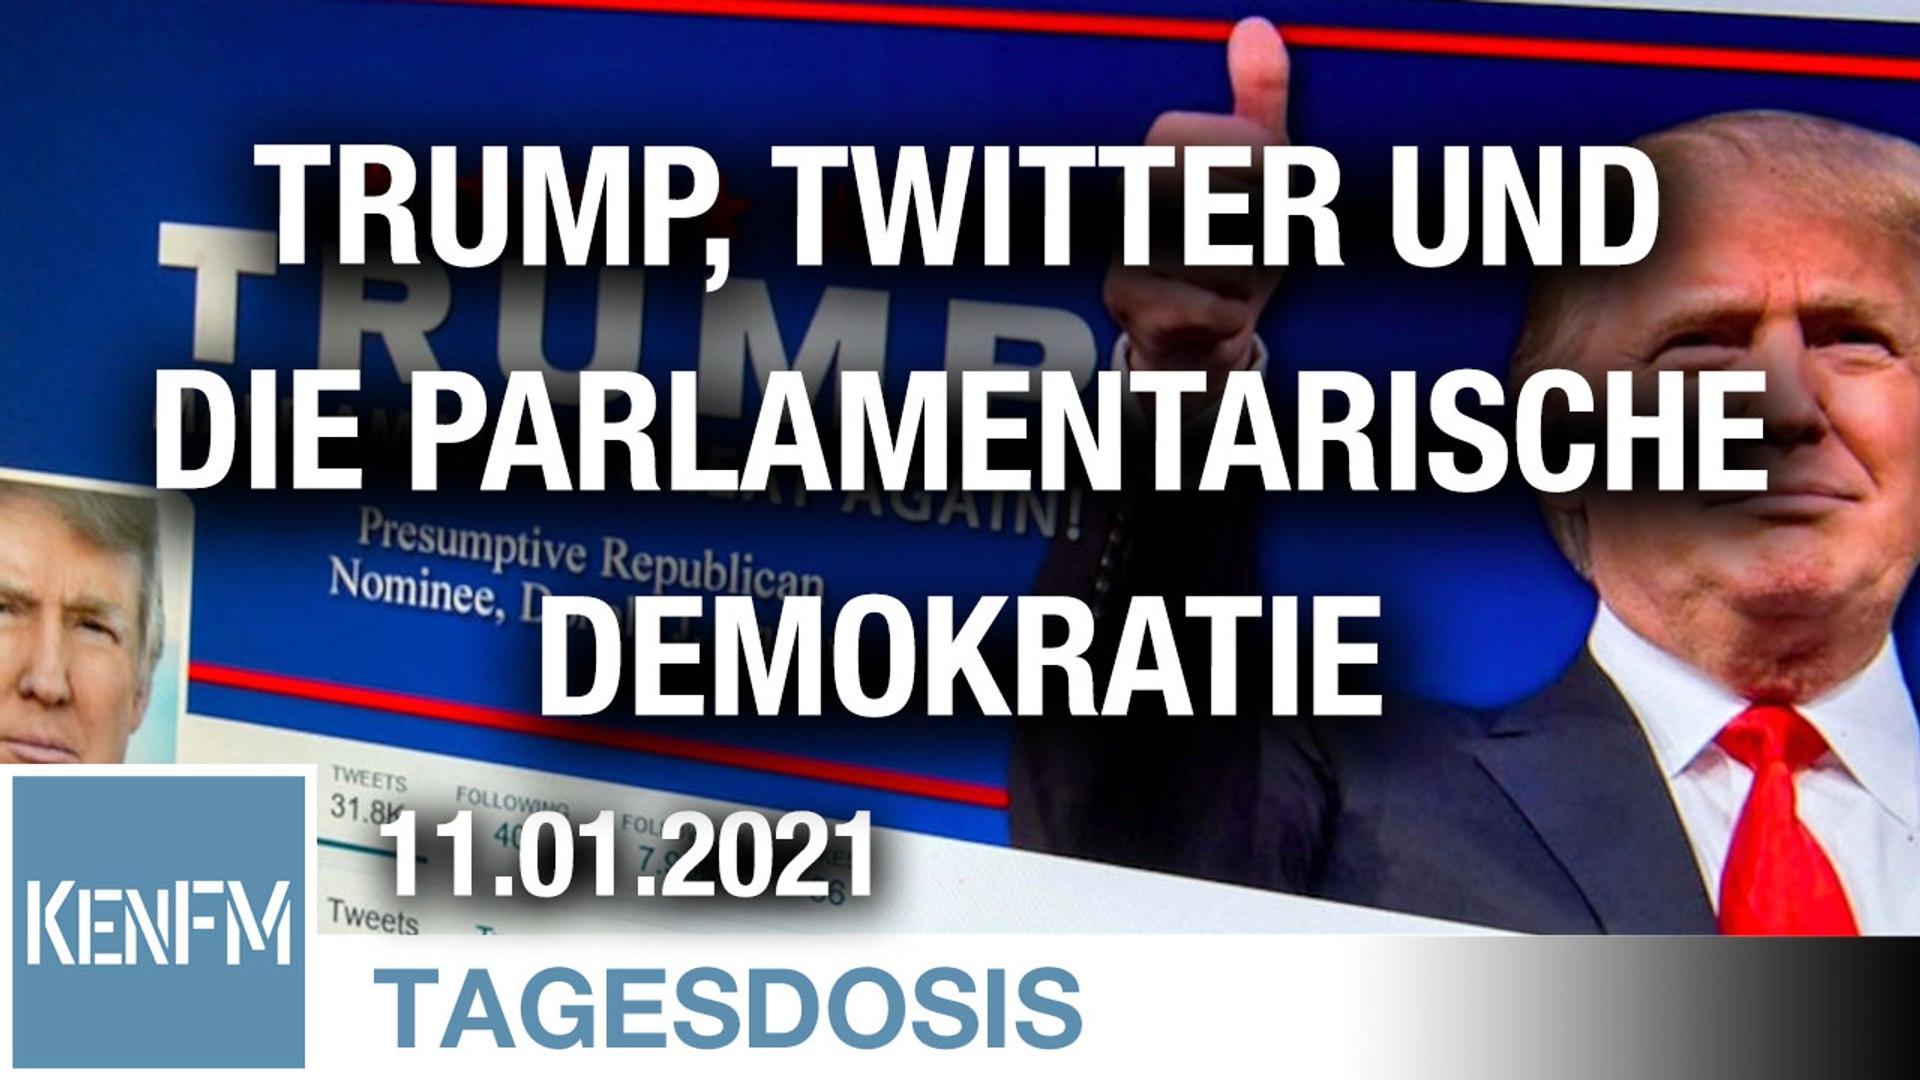 Trump, Twitter und die parlamentarische Demokratie